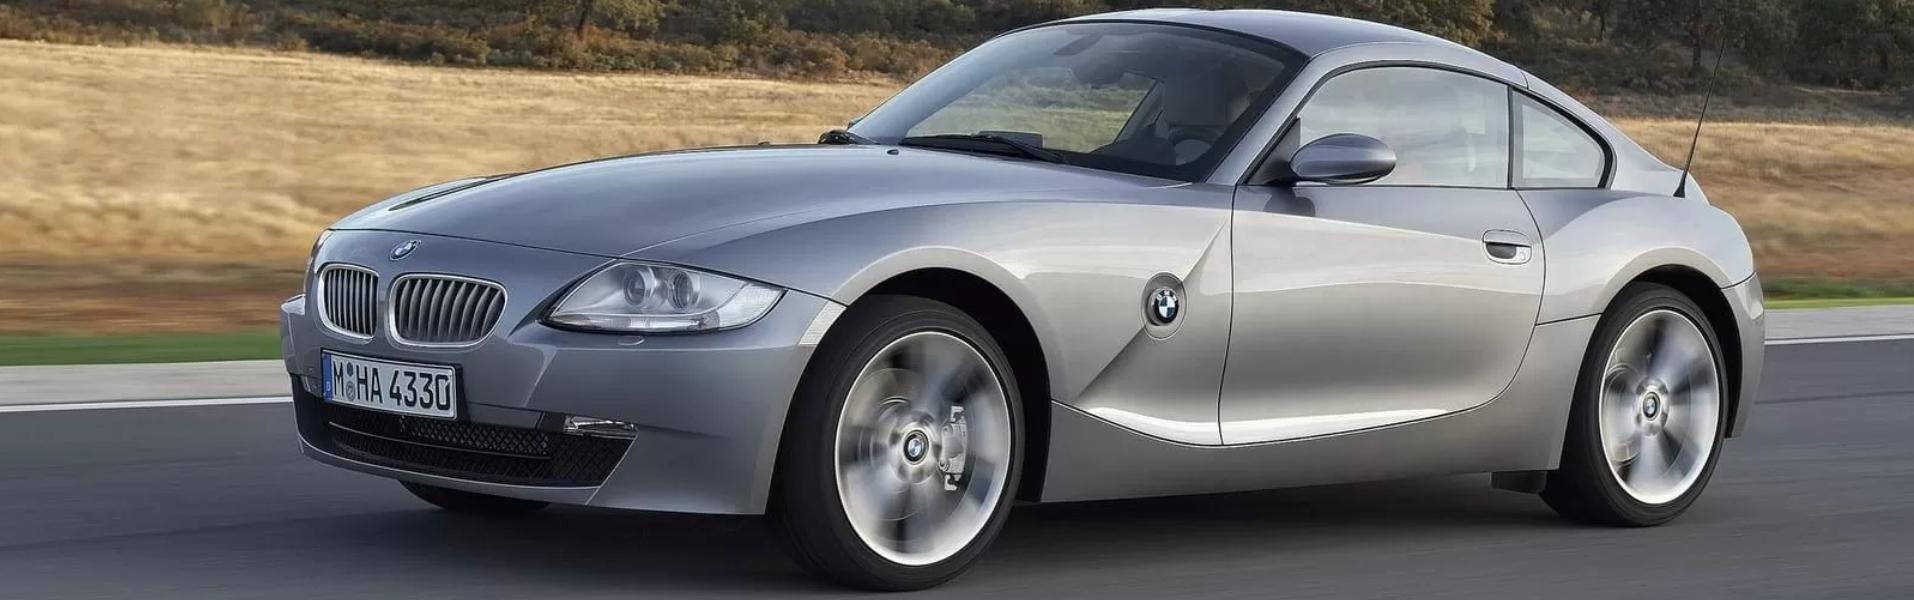 BMW Z4 3.0si Coupé